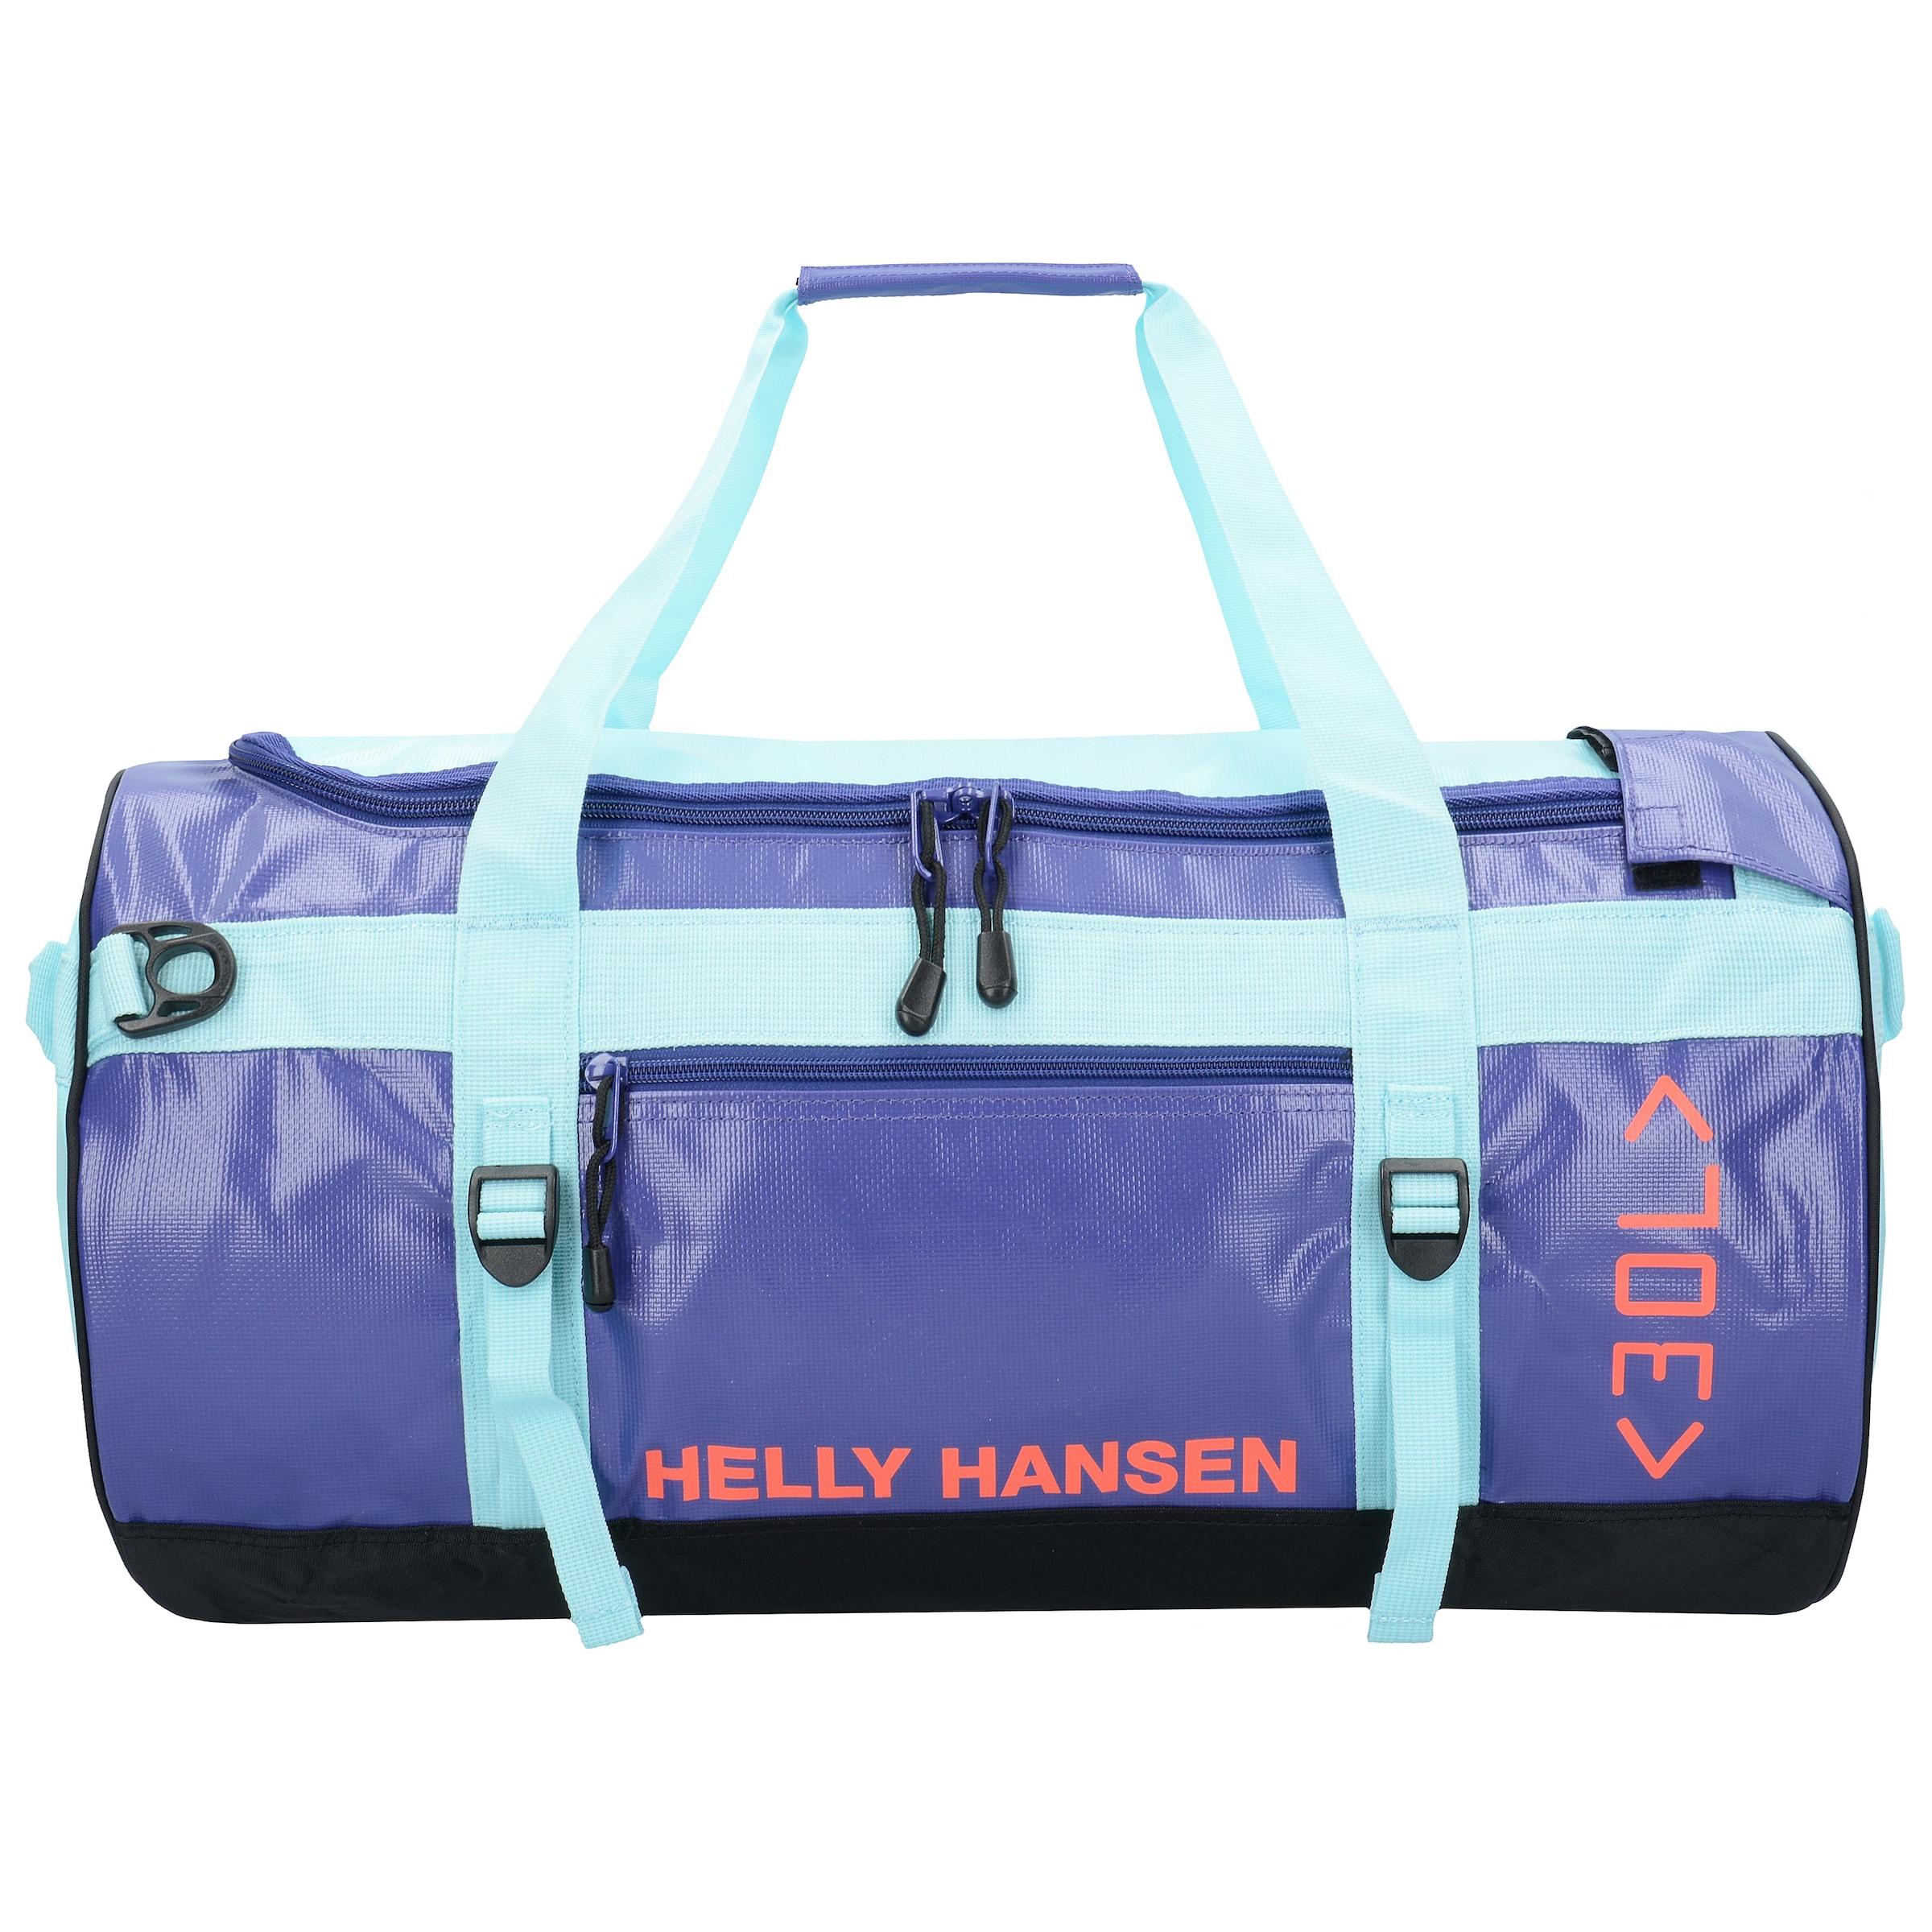 HELLY HANSEN Reisetasche (30 Liter) Mode-Stil Online hMig3